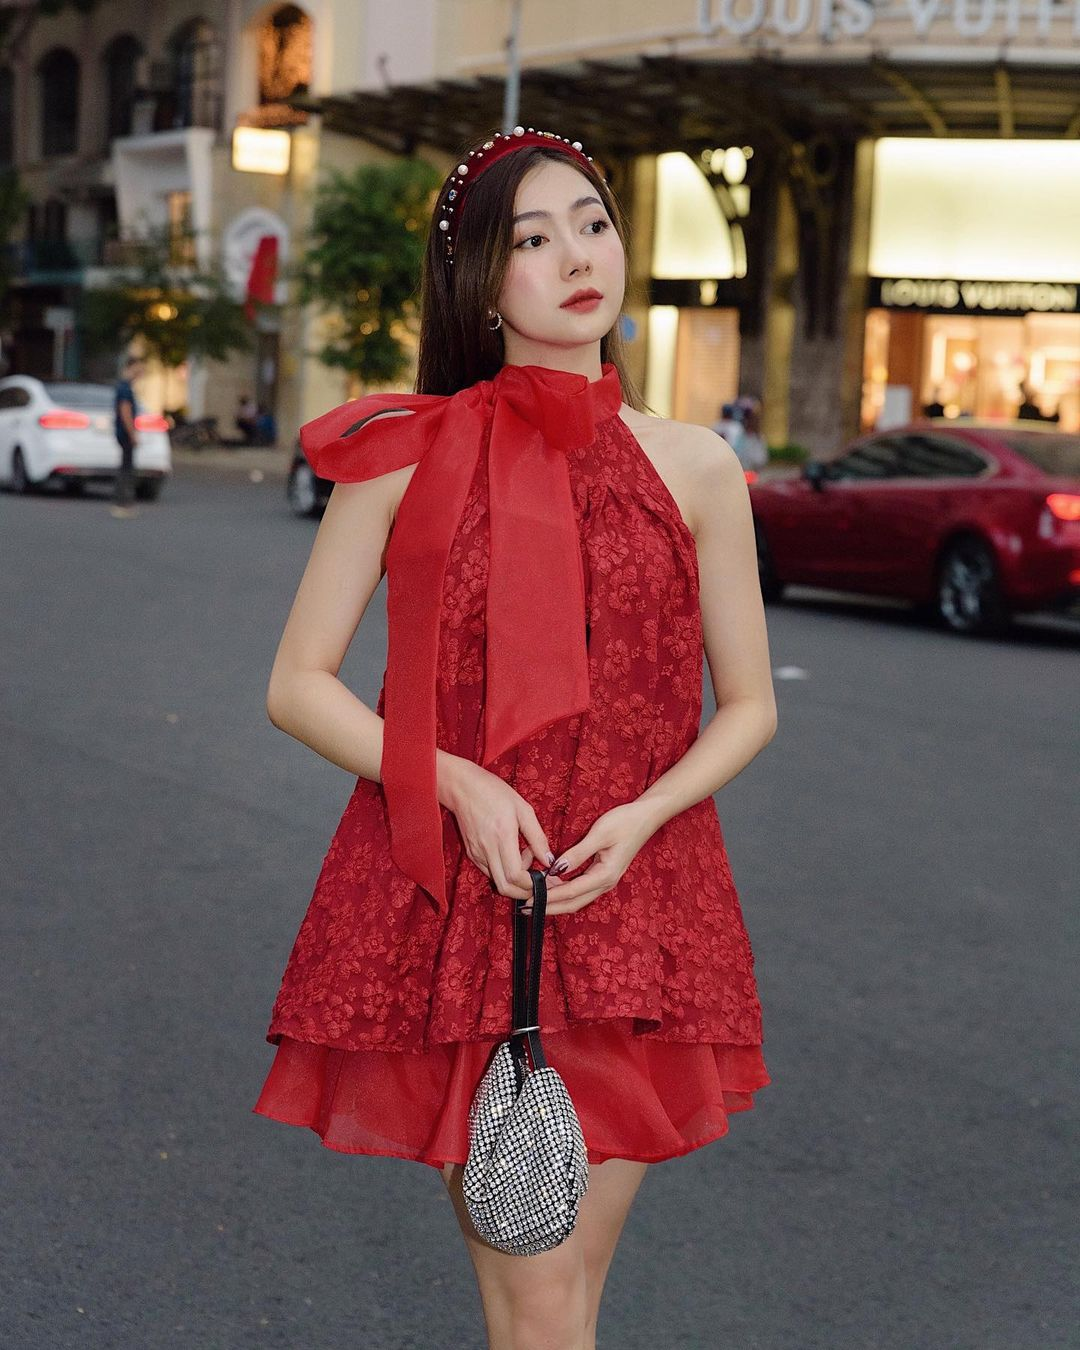 """10 mẫu váy đỏ rất sang chứ không hề chóe của các shop thời trang Việt, sắm ngay để năm mới """"đỏ thôi đen quên đi"""" - Ảnh 9."""